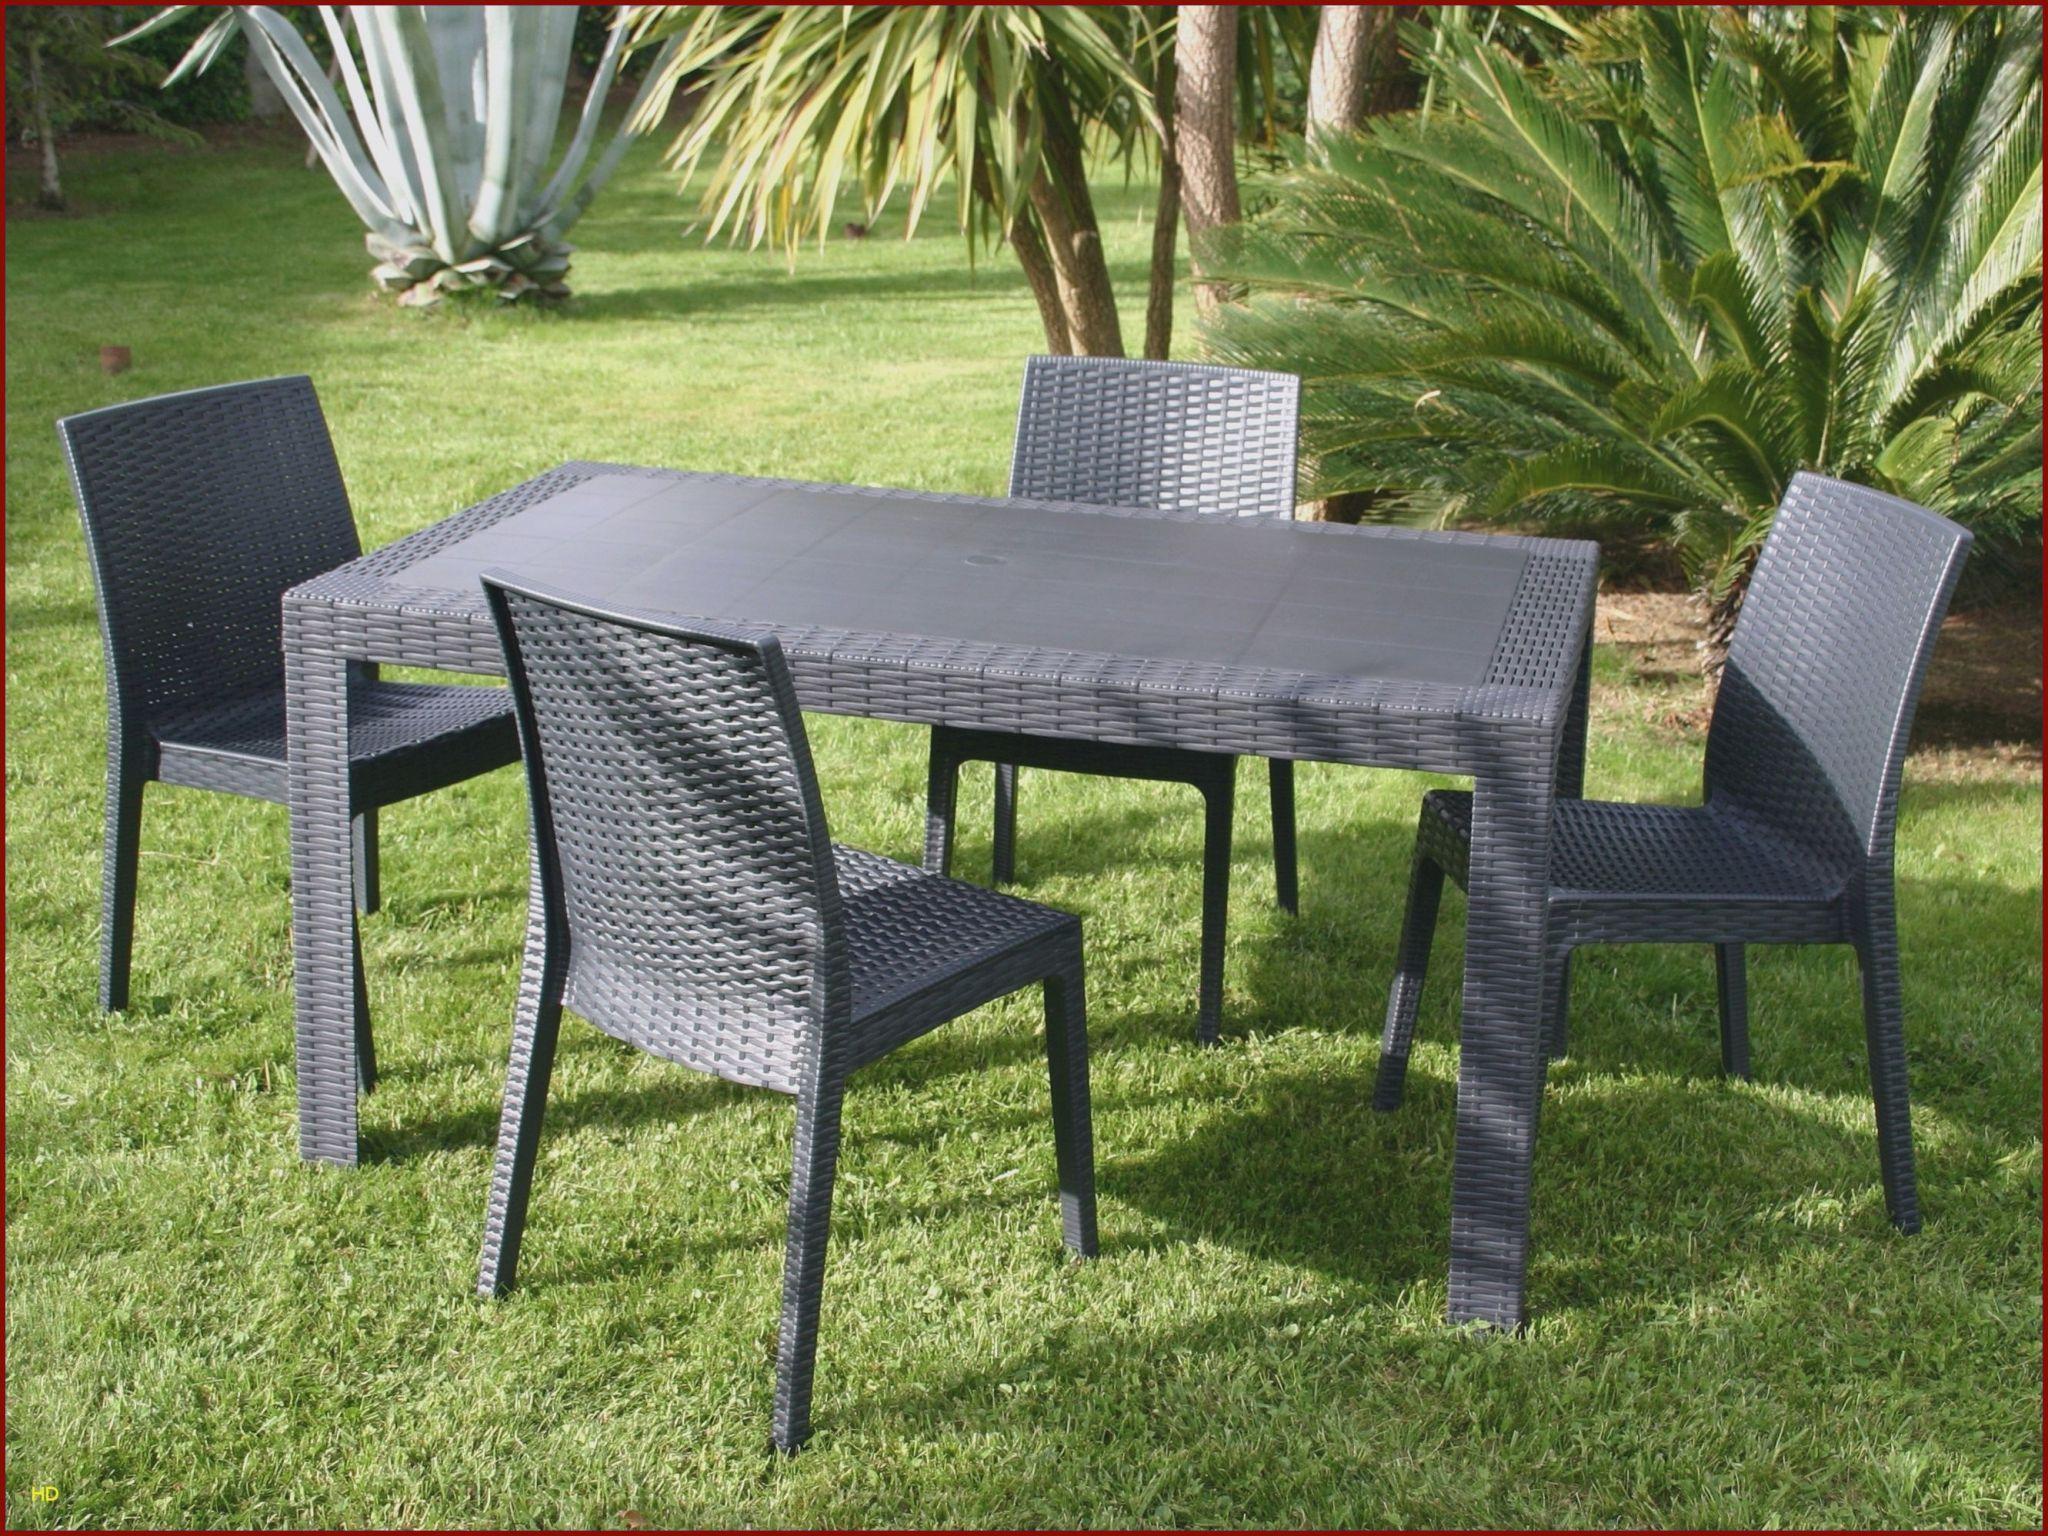 Chaises Luxe Chaise Ice 0D Table Jardin Resine Lovely ... avec Table Et Chaise De Jardin Pas Cher En Plastique